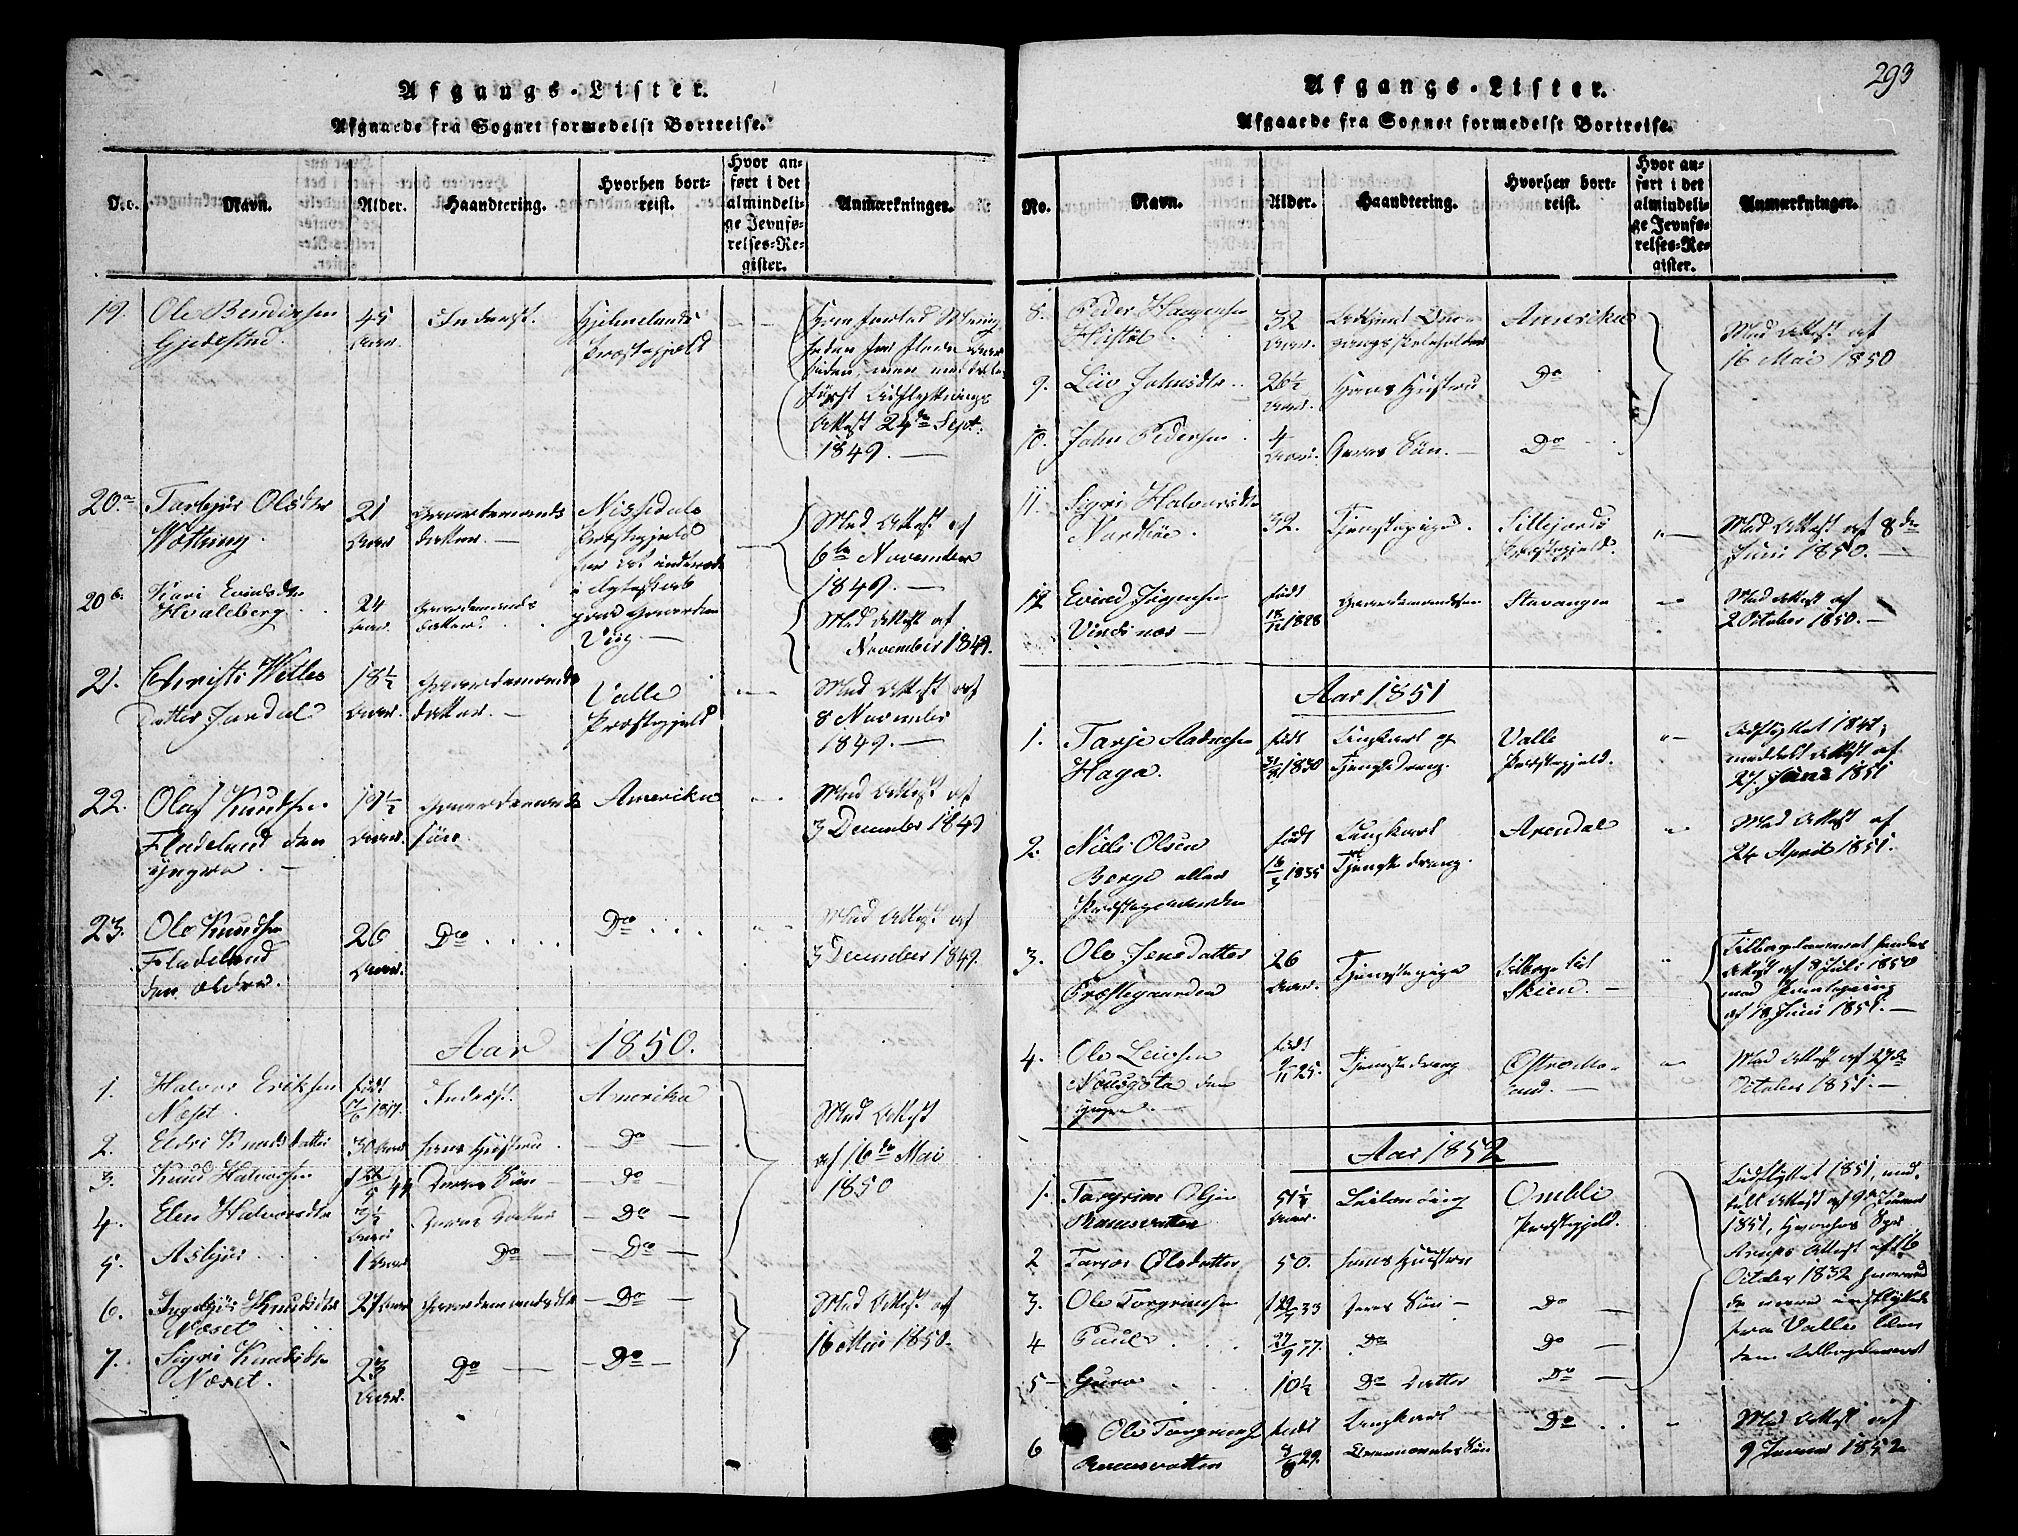 SAKO, Fyresdal kirkebøker, G/Ga/L0002: Klokkerbok nr. I 2, 1815-1857, s. 293